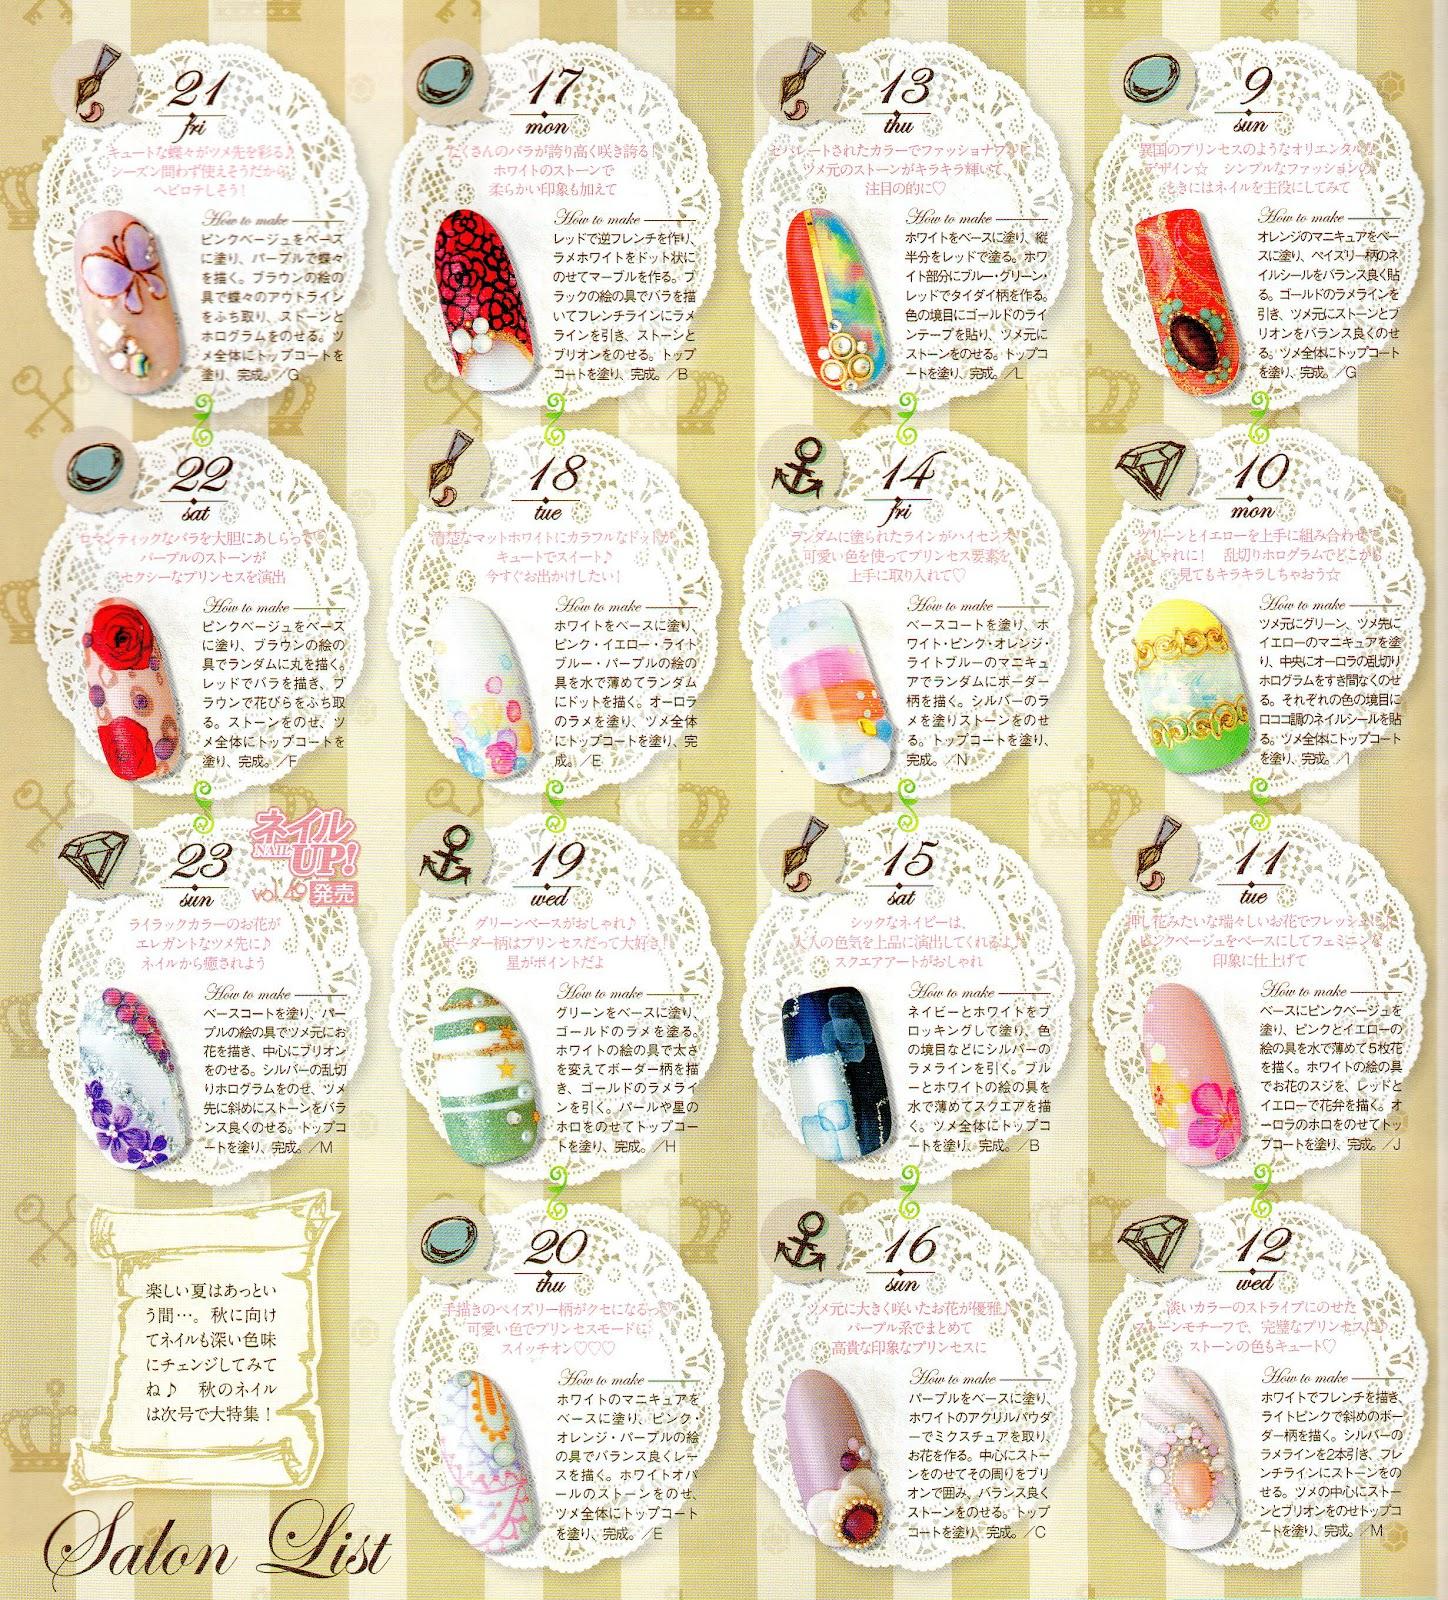 Ideas For Calendar Art : September nail inspiration art ideas dizzy miss